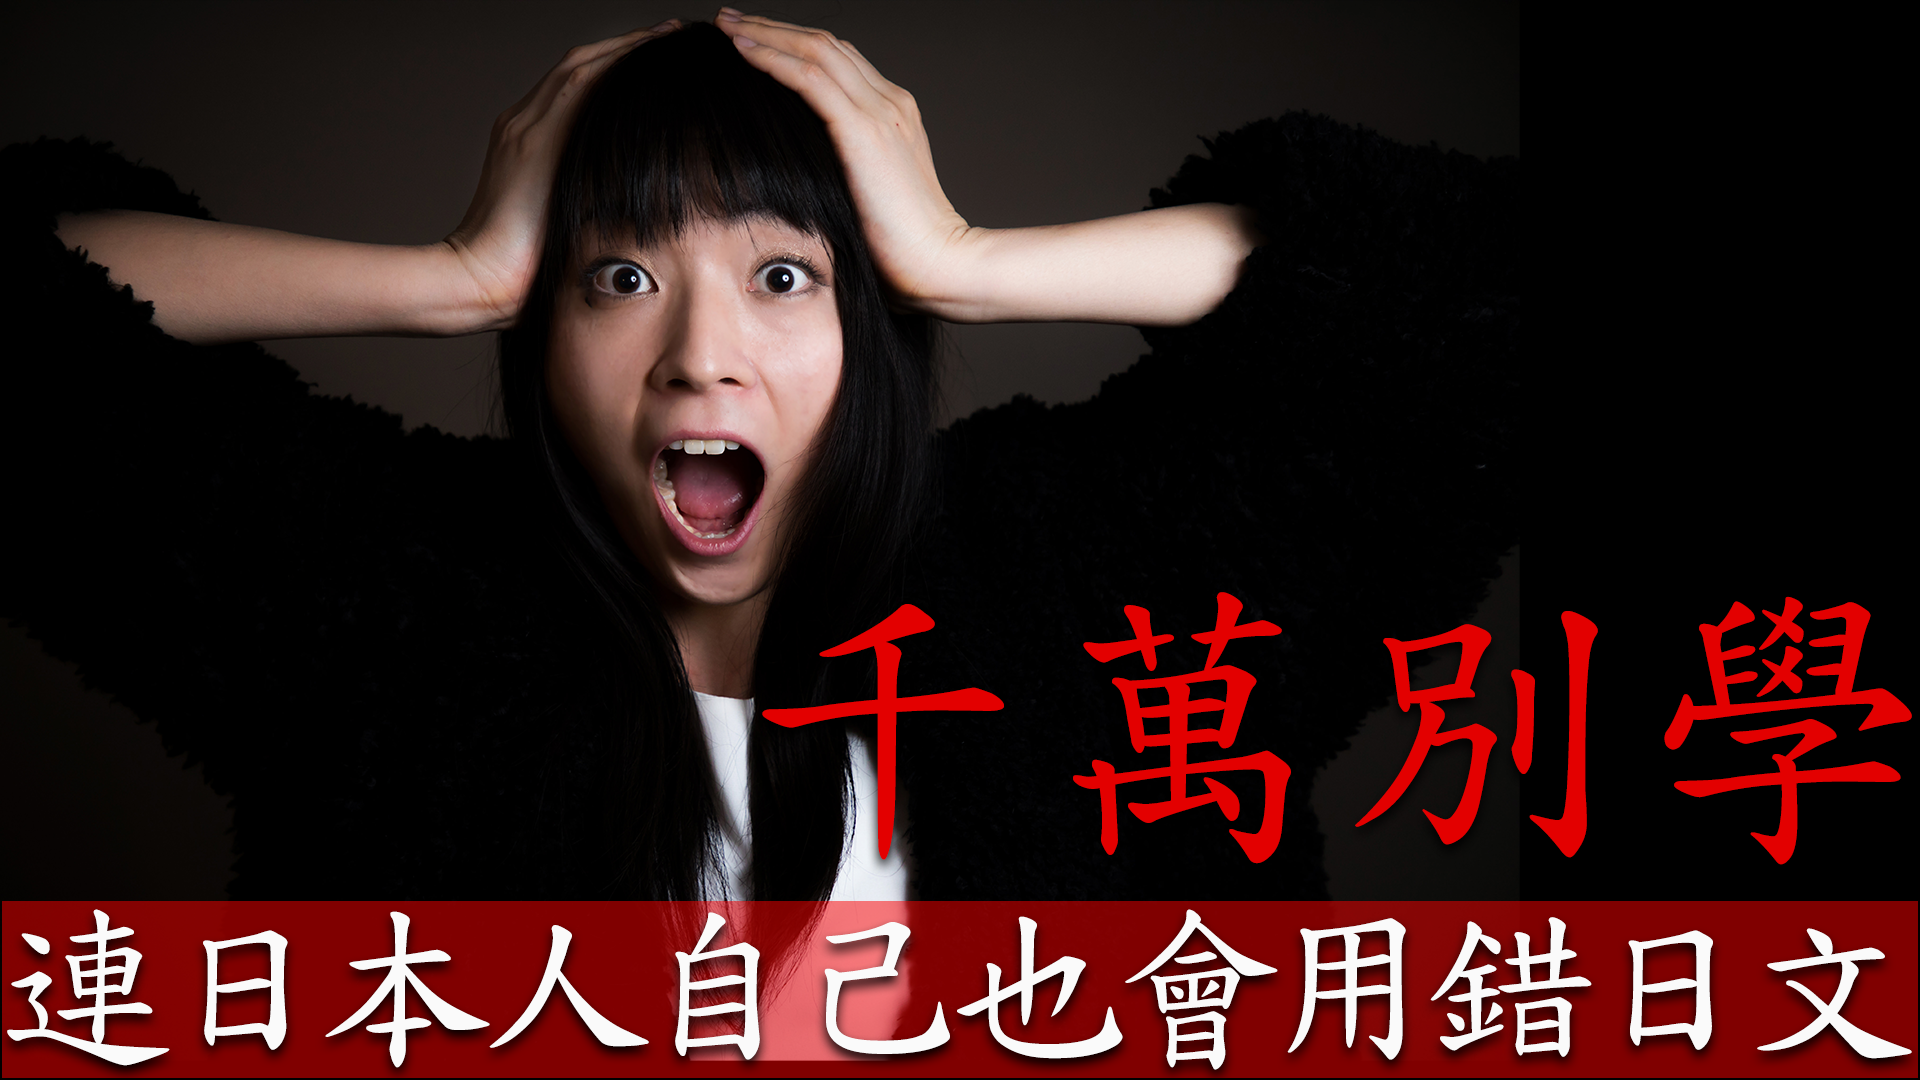 連日本人都用錯,「千萬別學」的日本語/日本人が間違える「絶対真似してはいけない」日本語